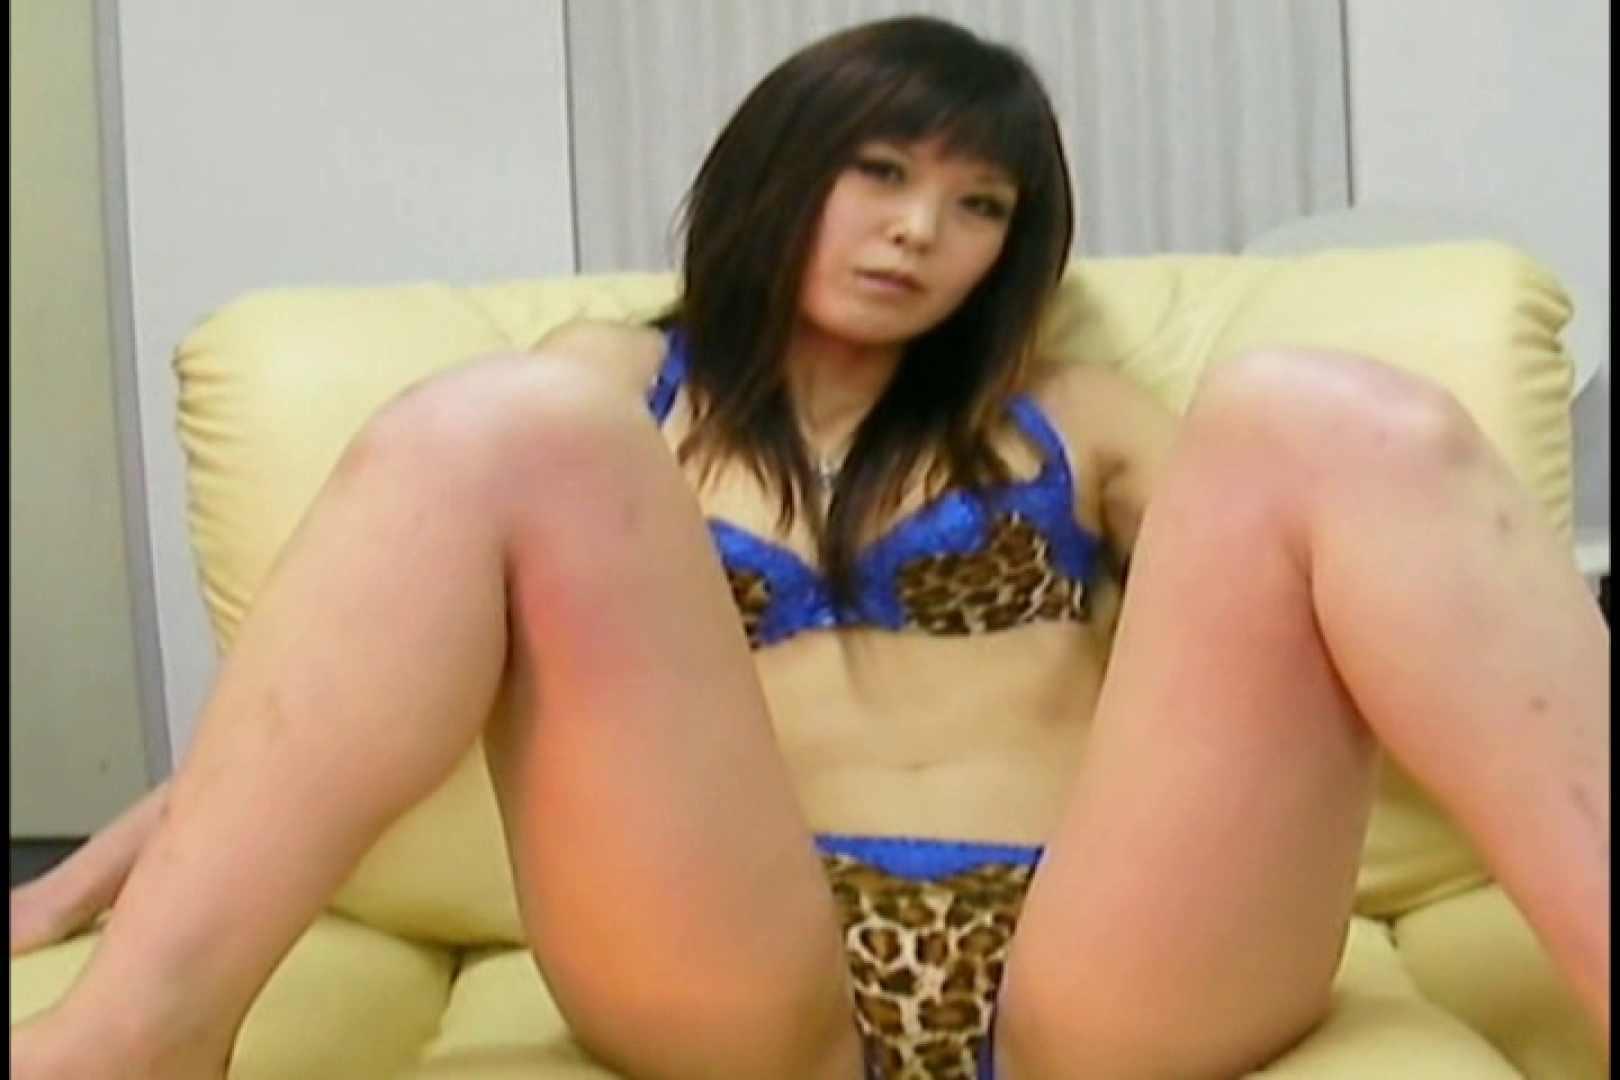 素人撮影 下着だけの撮影のはずが・・・りか26歳 着替え 女性器鑑賞 112pic 95